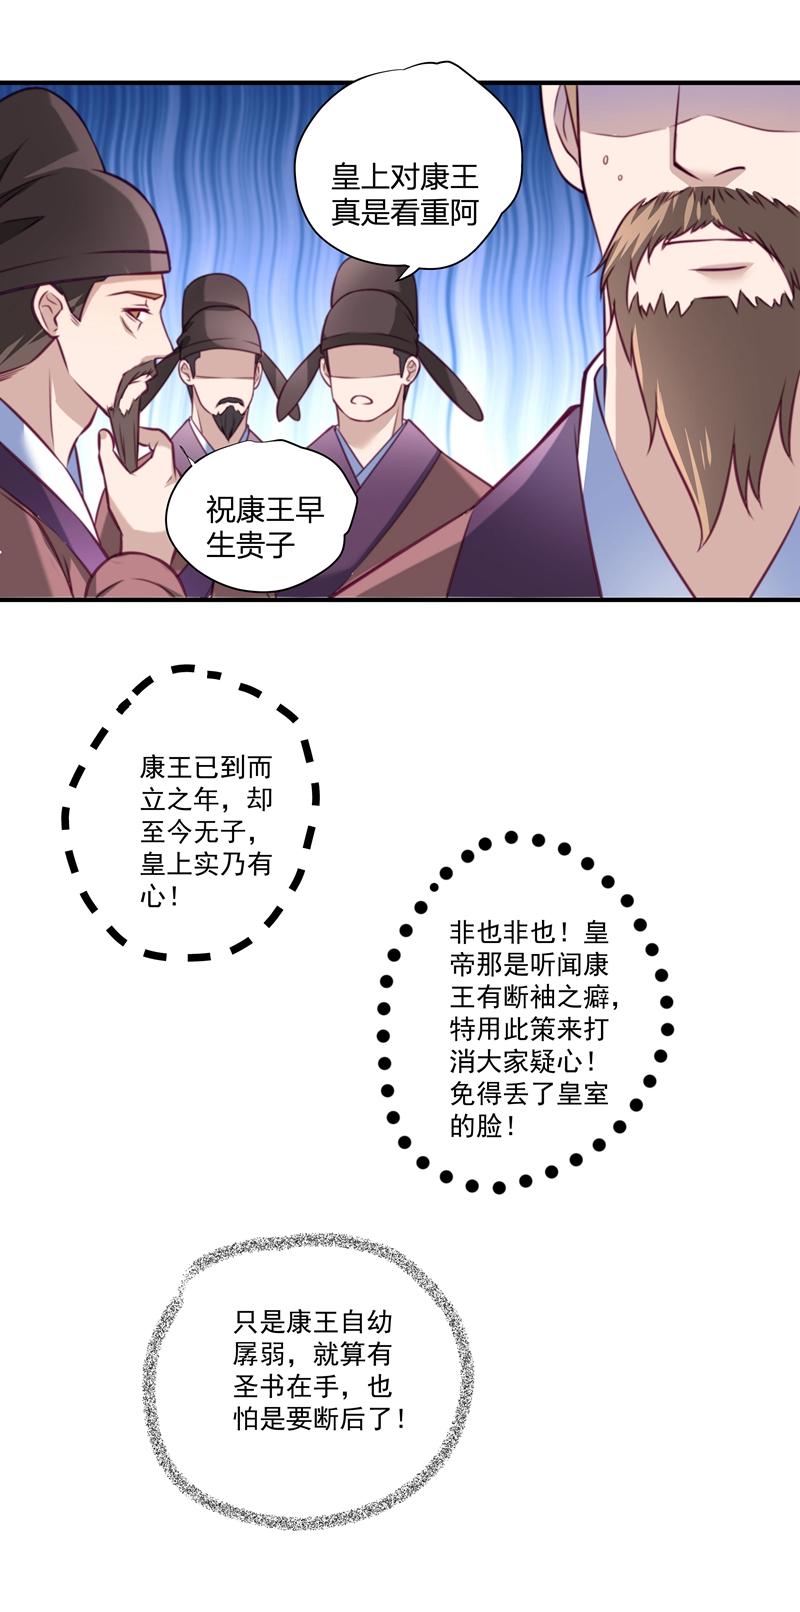 《小皇书vs小皇叔》国漫漫画 & 完整版(全文在线阅读)